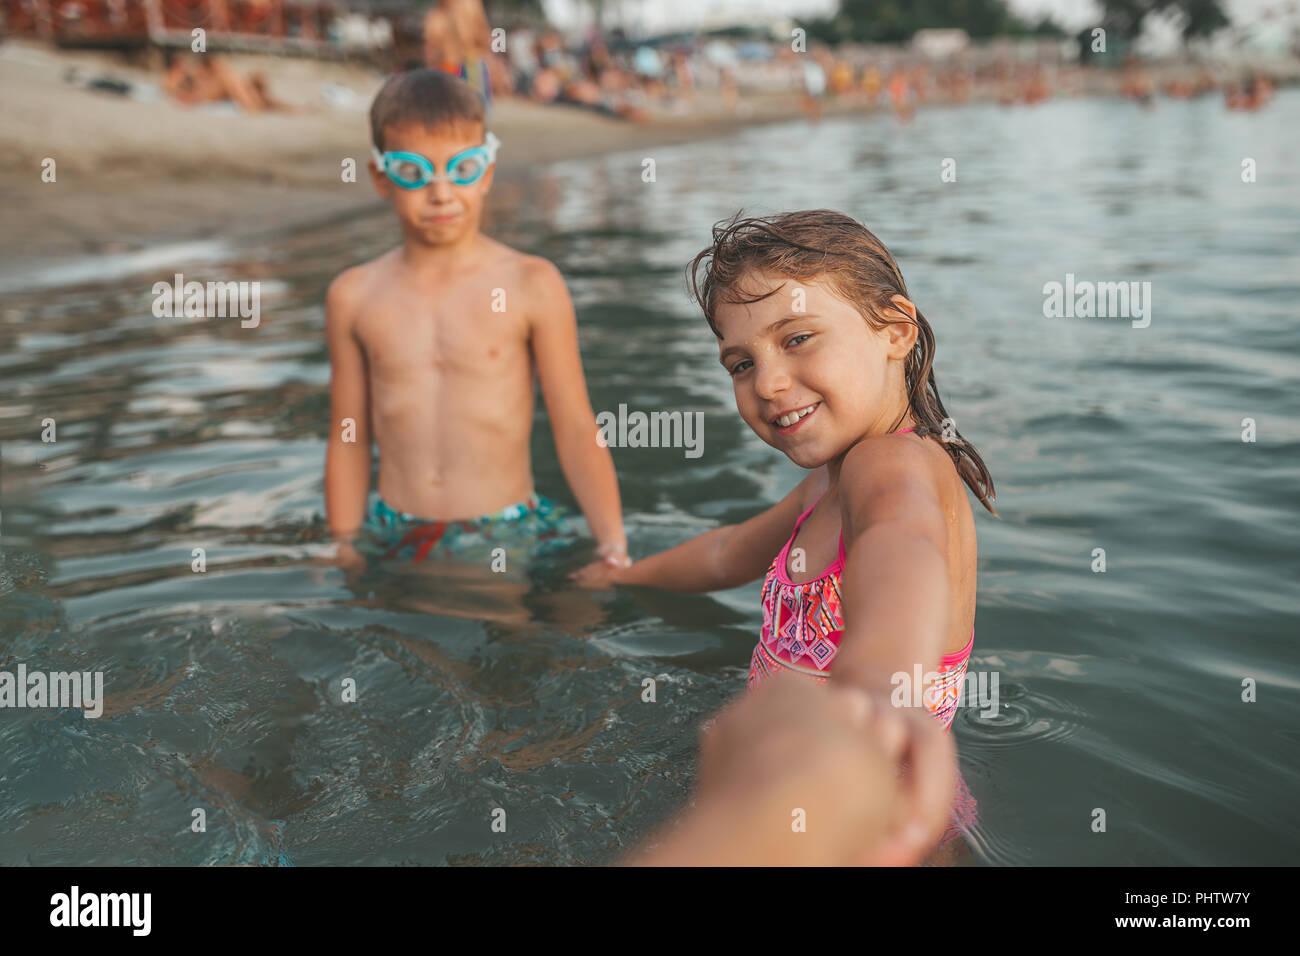 Dei bambini felici giocando in mare. I bambini si tengono per mano e invitare la loro madre per andare con loro. La vacanza estiva e uno stile di vita sano concetto Immagini Stock